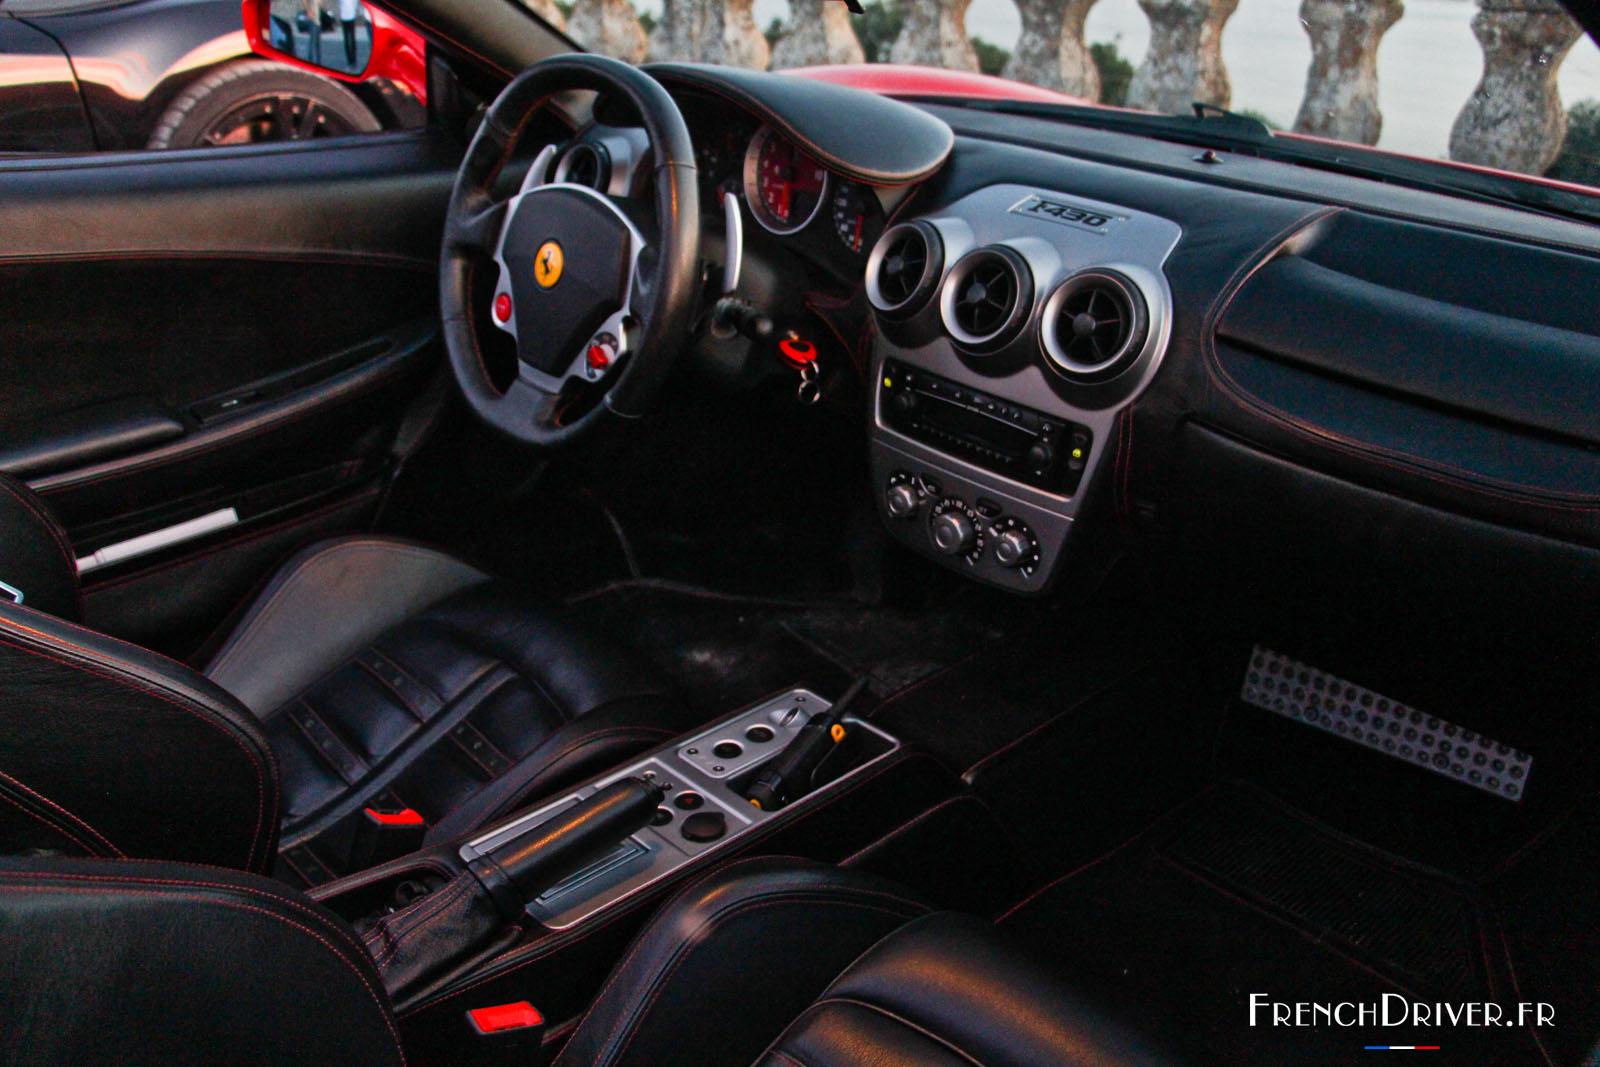 Ferrari 2016 Pret >> Essai de la Ferrari F430 Spider : immortelle - French Driver